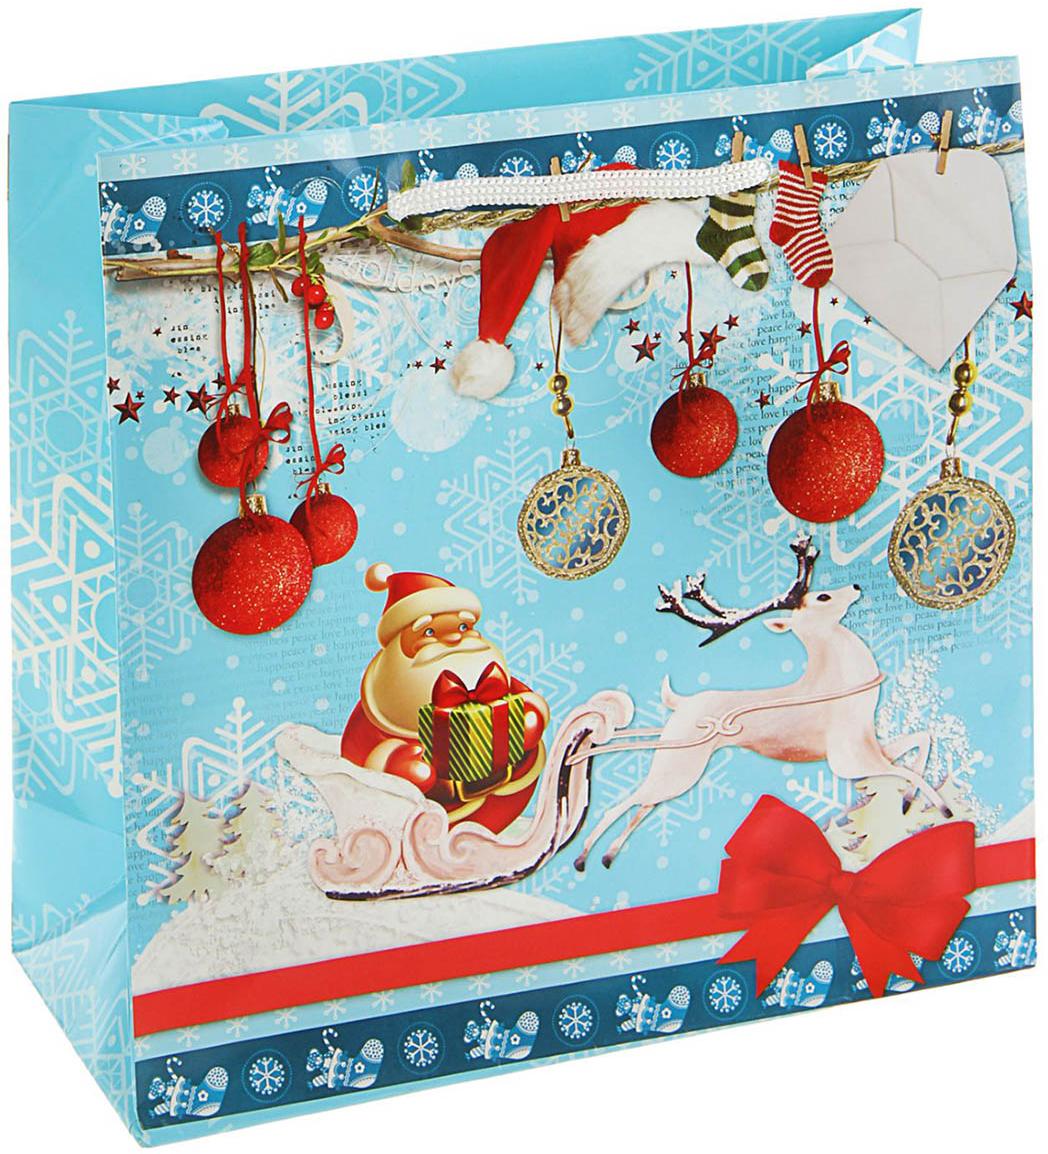 Пакет подарочный Сказочный гость, цвет: мультиколор, 23 х 22,5 х 10 см. 16860741686074Любой подарок начинается с упаковки. Что может быть трогательнее и волшебнее, чем ритуал разворачивания полученного презента. И именно оригинальная, со вкусом выбранная упаковка выделит ваш подарок из массы других. Она продемонстрирует самые теплые чувства к виновнику торжества и создаст сказочную атмосферу праздника. Пакет подарочный Сказочный гость - это то, что вы искали.